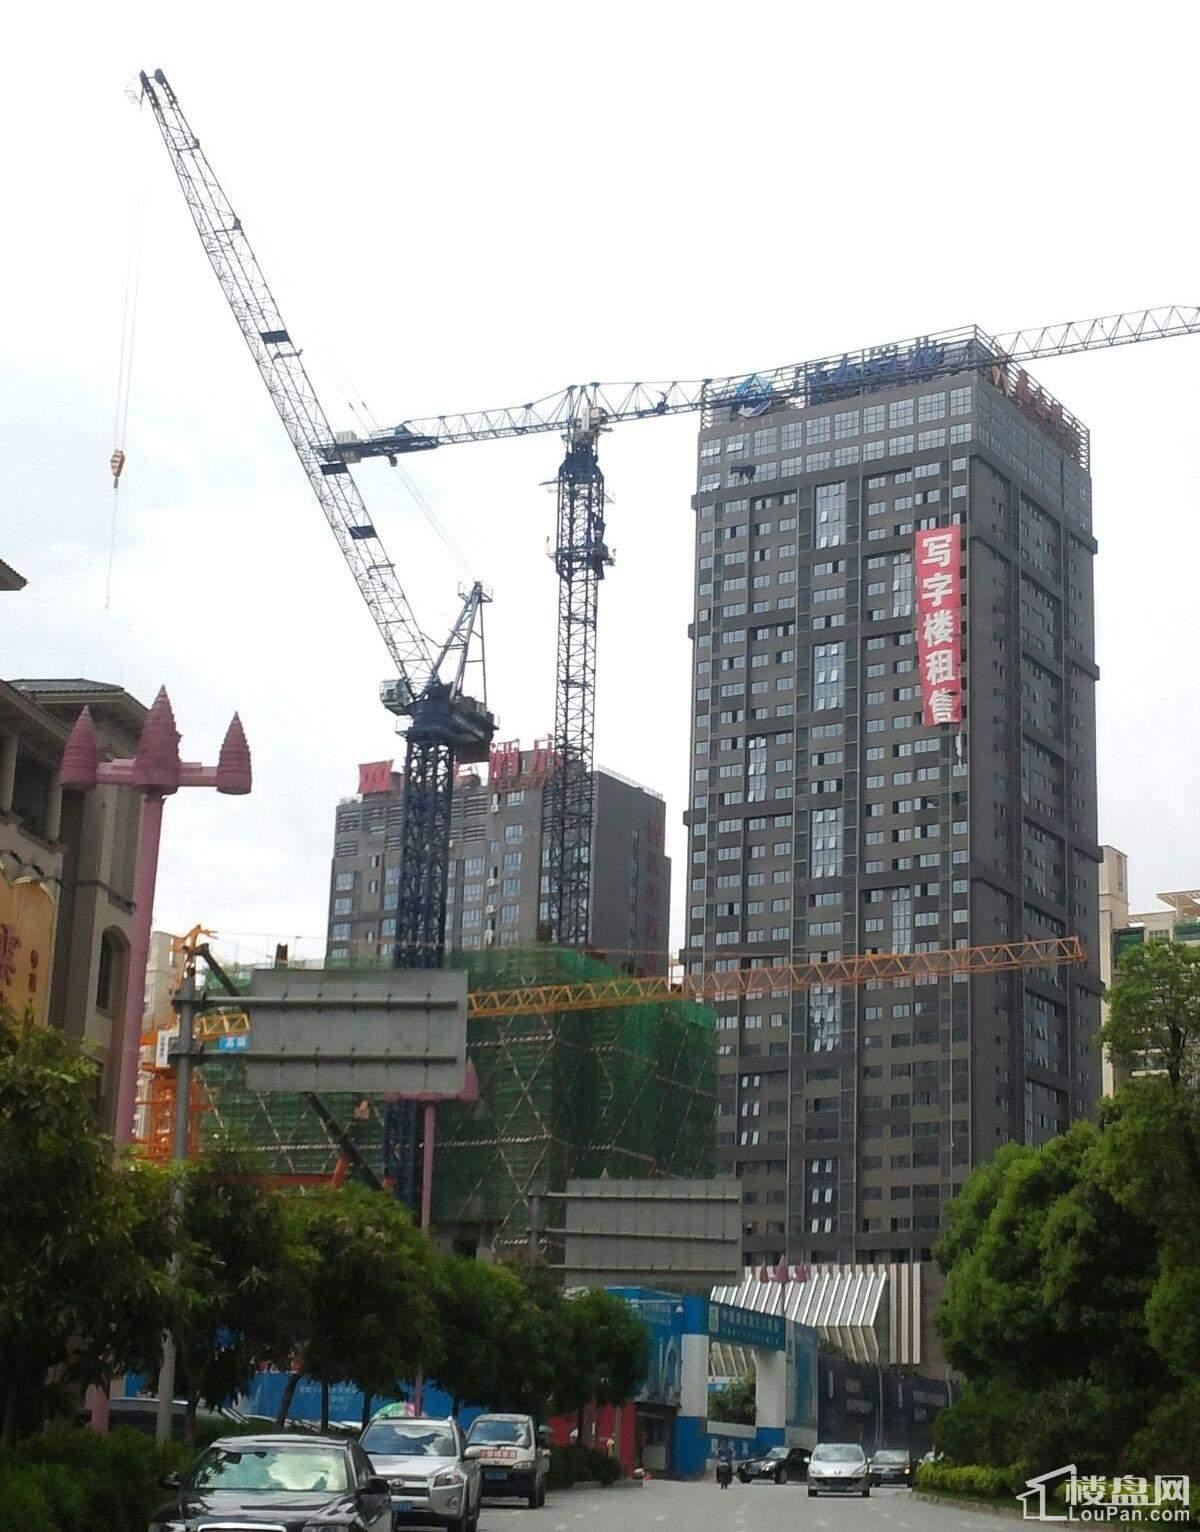 龙光世纪大厦工程建设已经建到6层 最新进展图